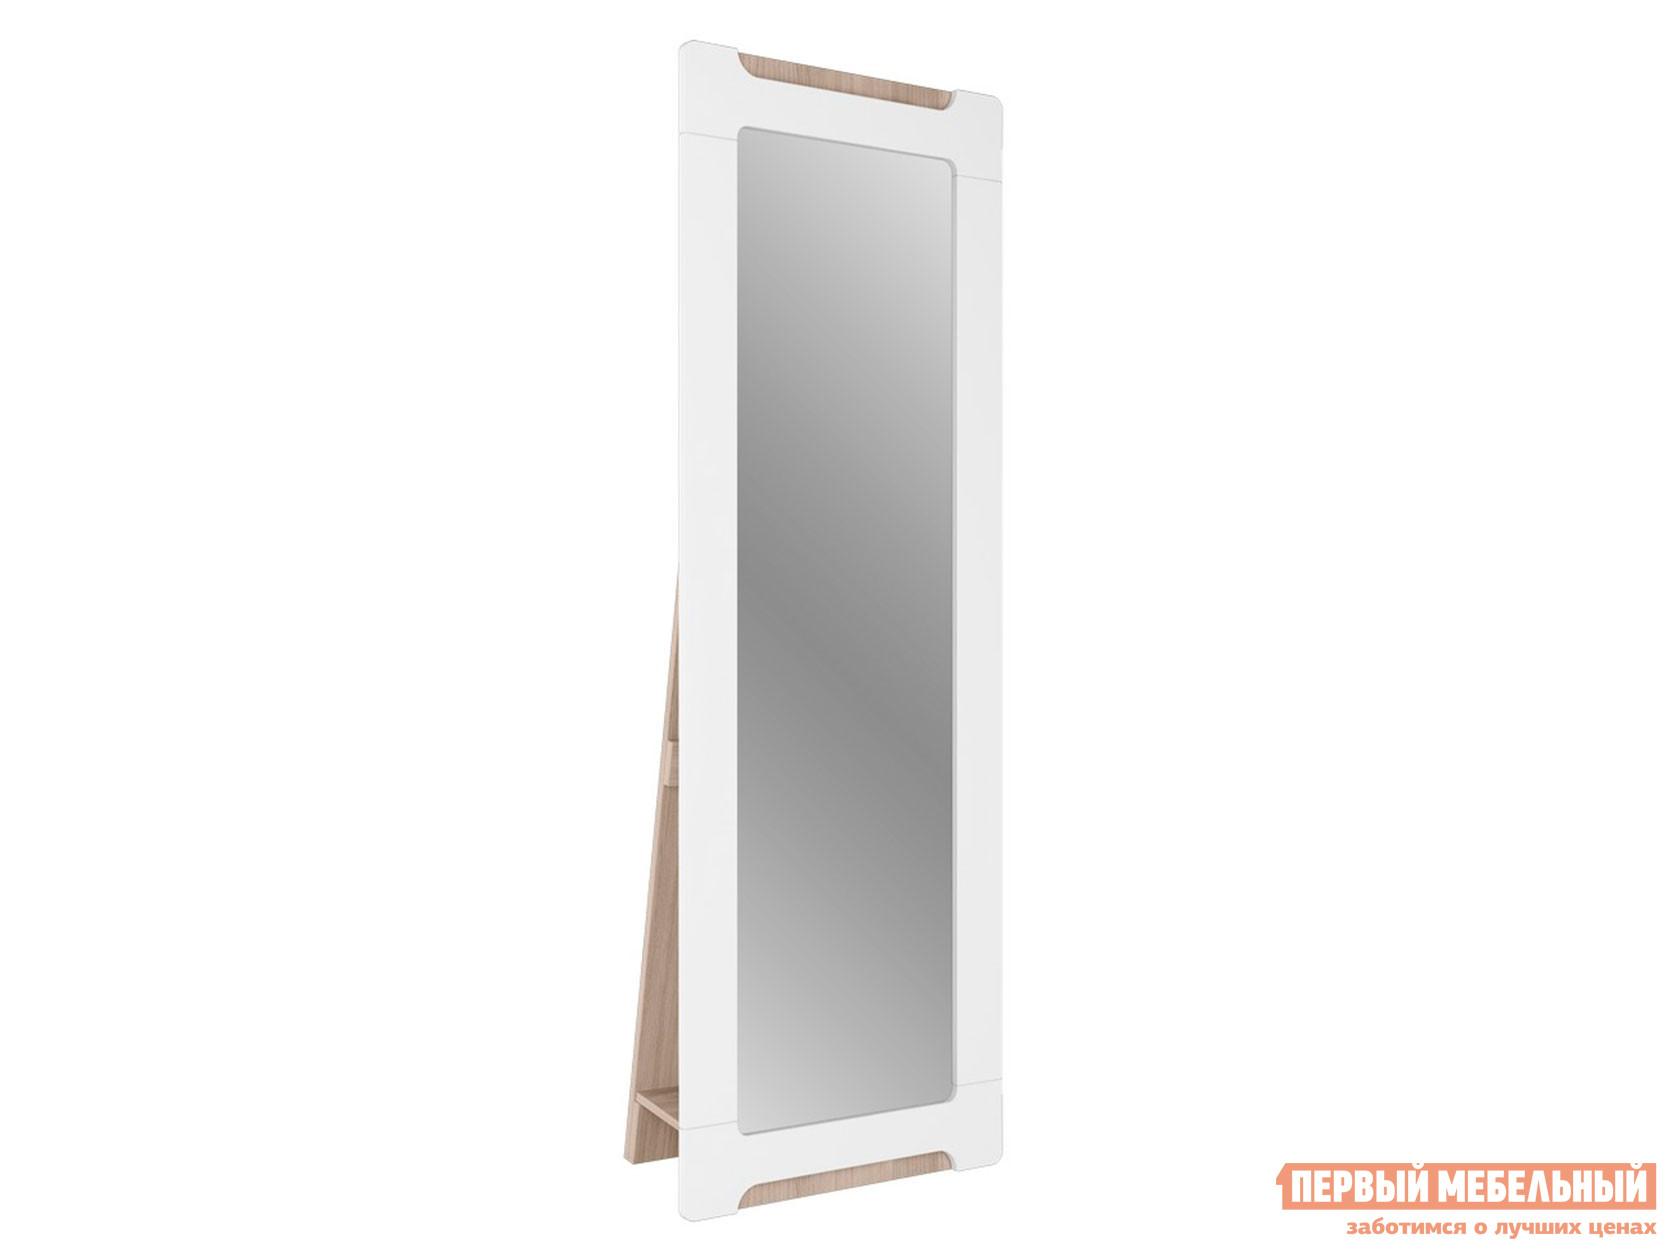 Настенное зеркало  Зеркало Палермо С11 Ясень Шимо Светлый / Белый глянец, С опорой